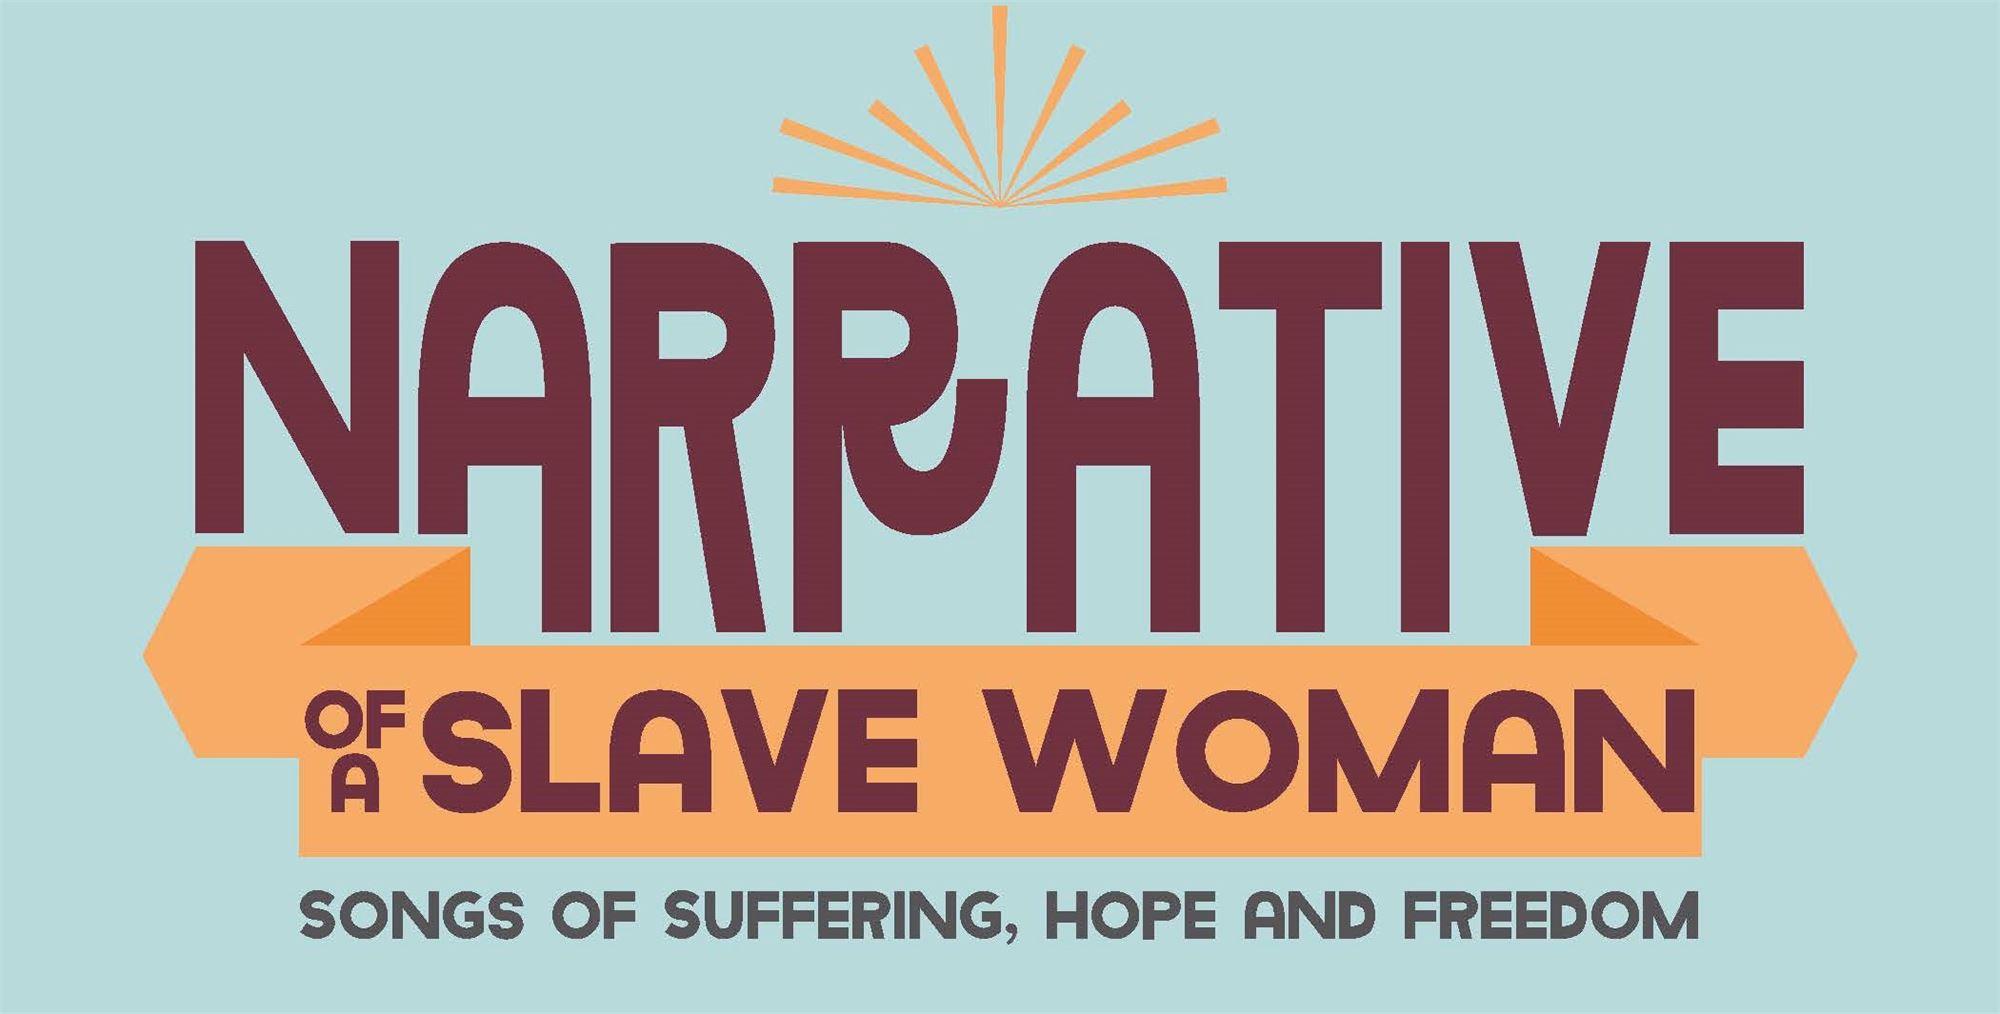 Narrative of a Slave Woman: VIP Reception